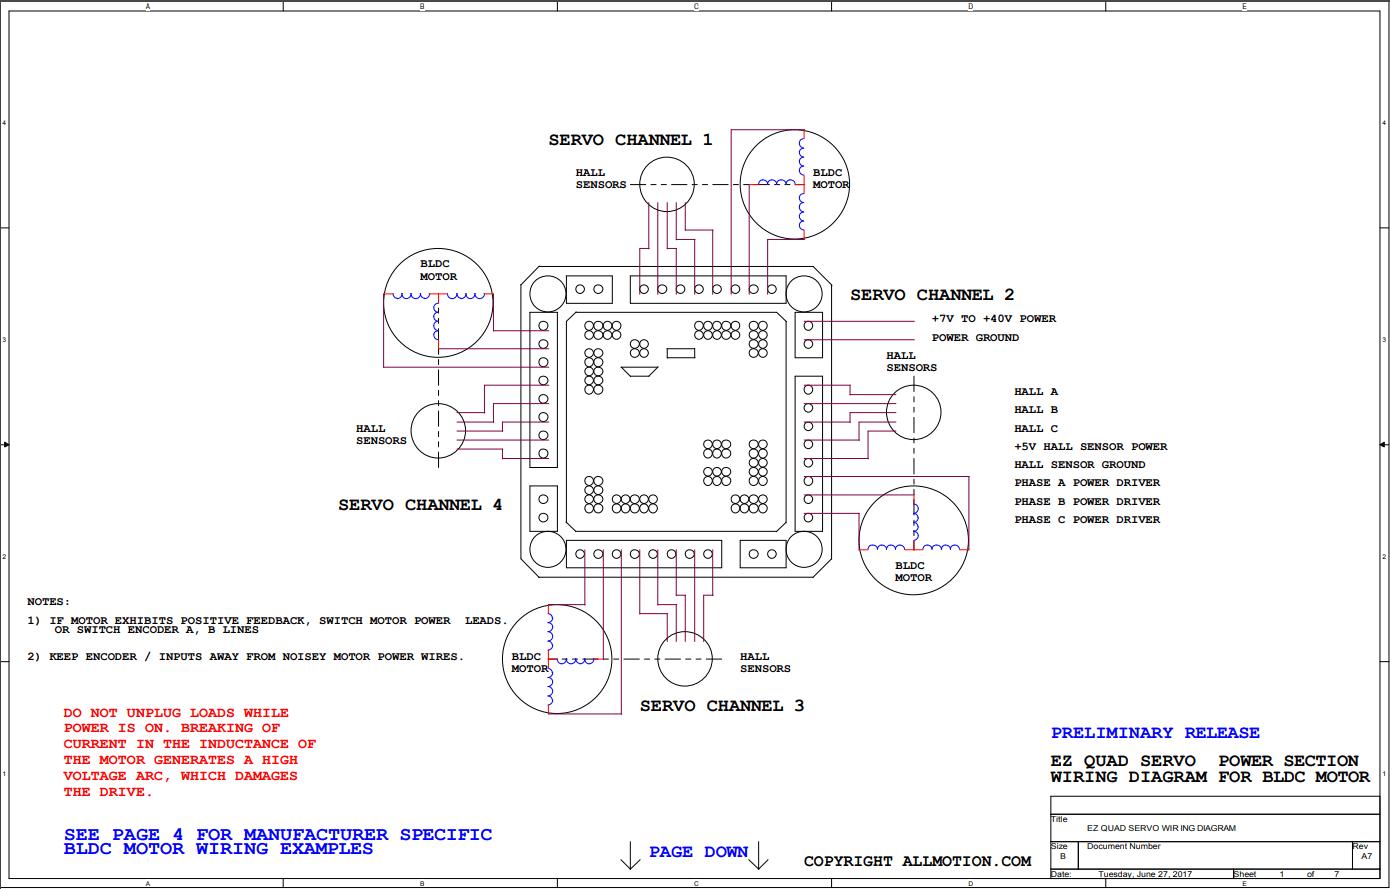 Allmotion Servo Starter Kits Sk Ezquad